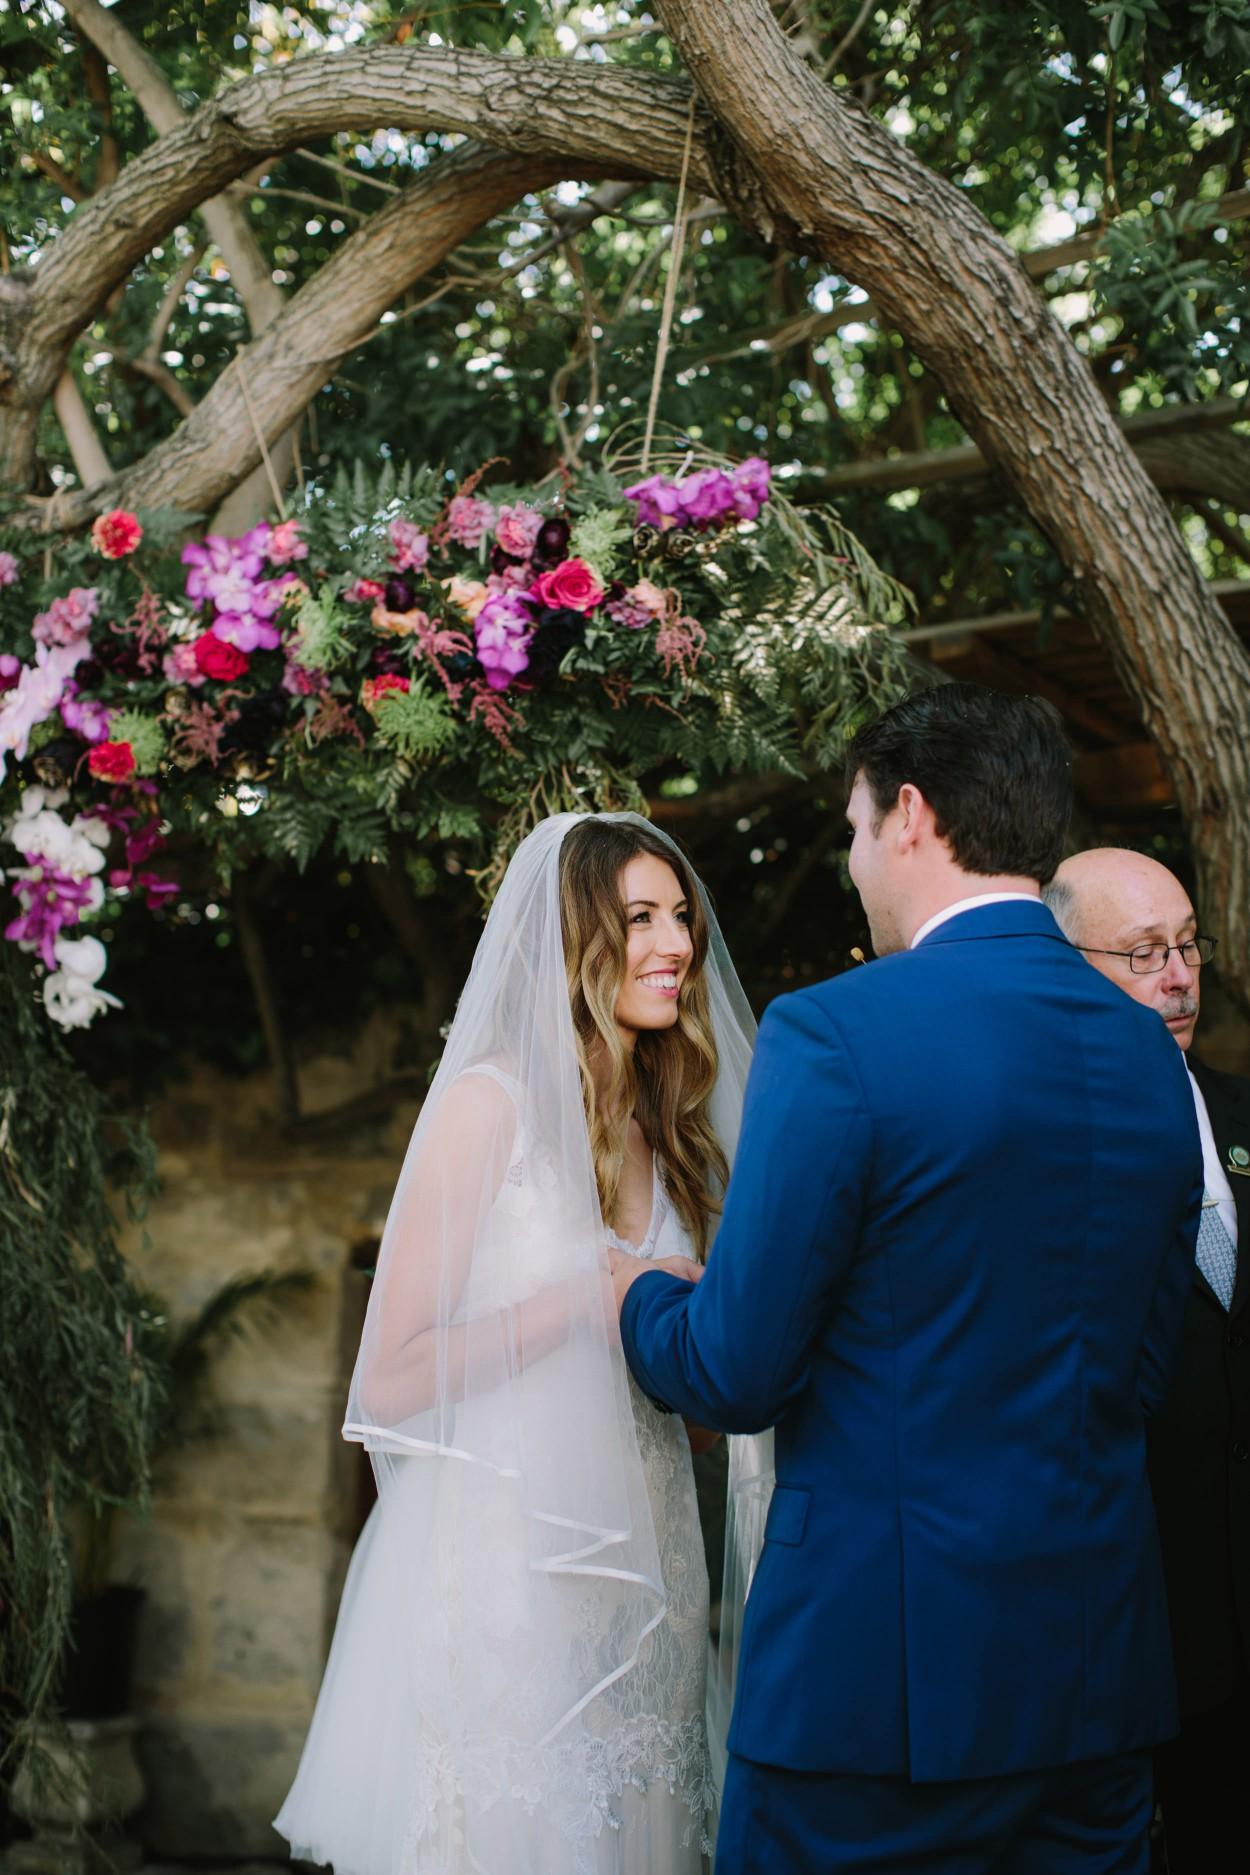 I-Got-You-Babe-&-Co.-Wedding-Photographers-Amanda028.jpg